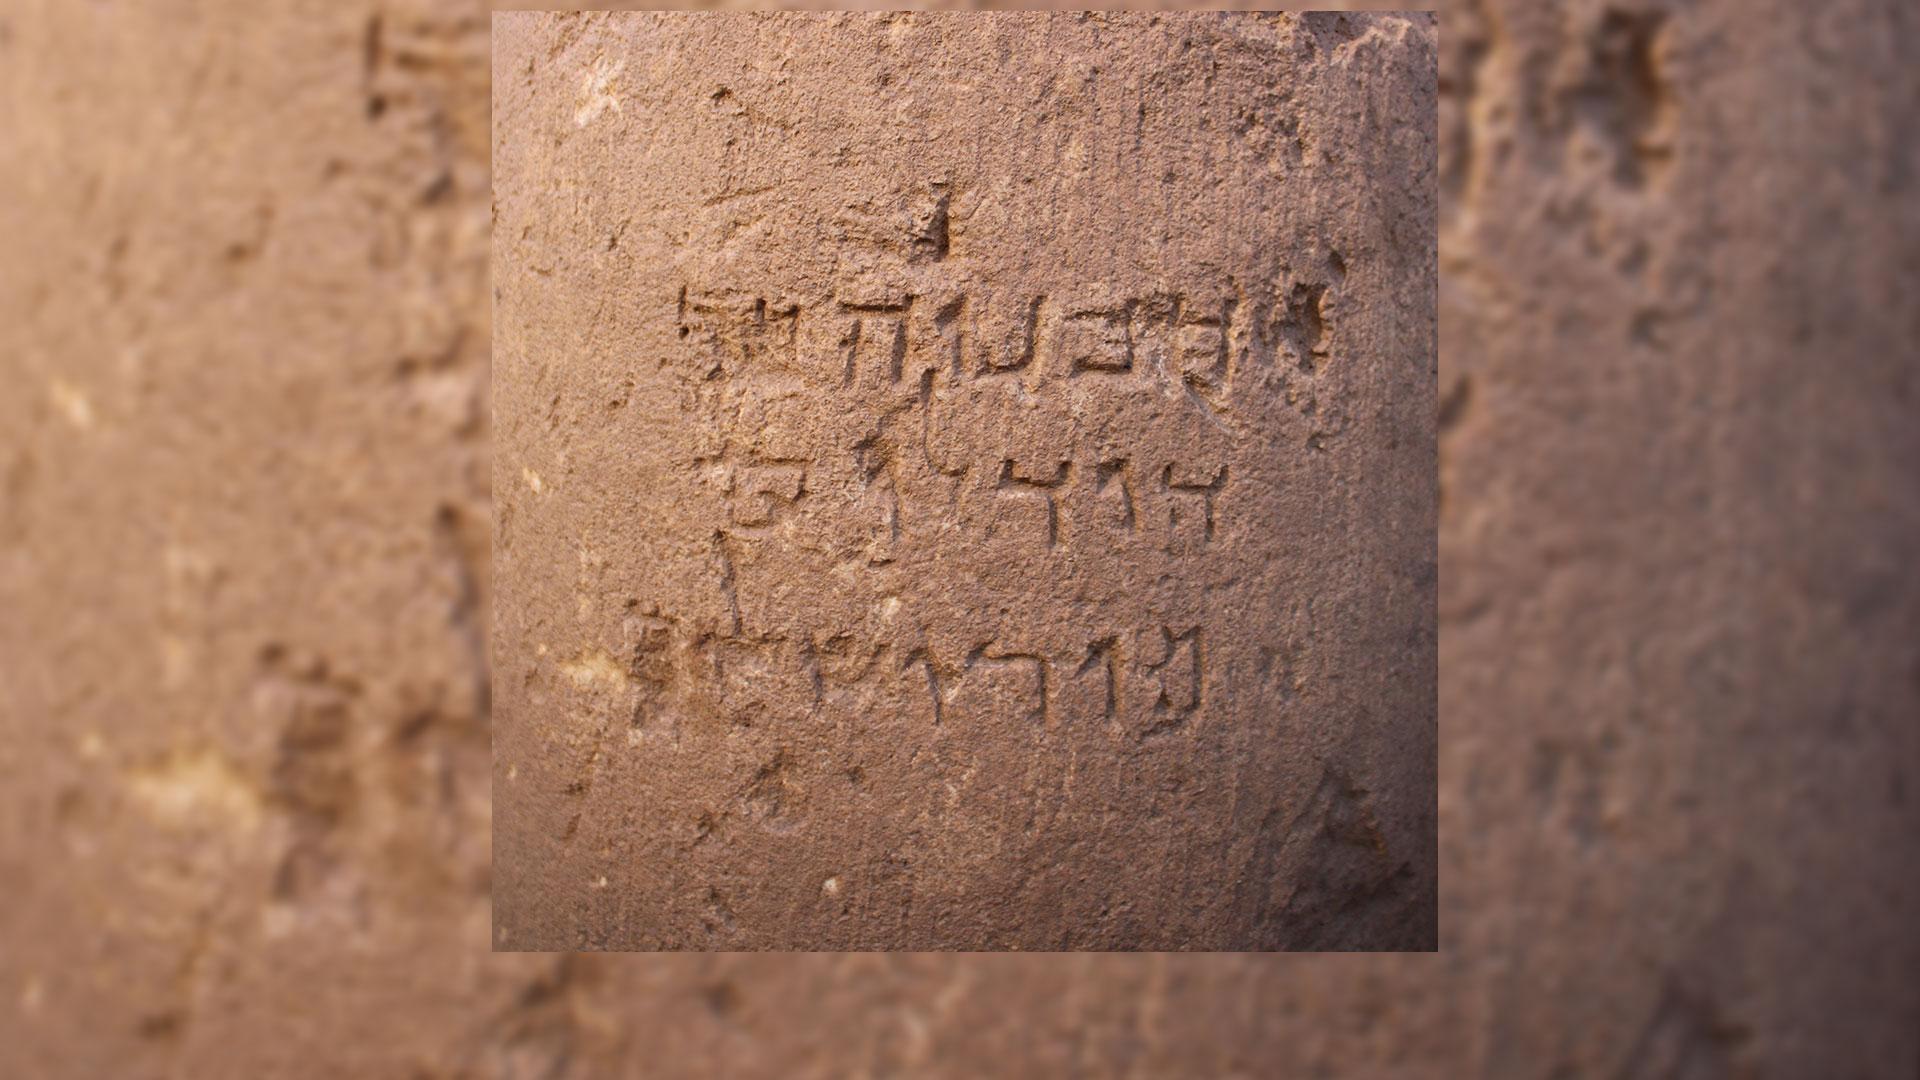 תקריב של הכתובת חוליית עמוד ועליה כתובת בארמית בנייני האומה, ירושלים, המאה ה־1 לפני הספירה, אבן גיר